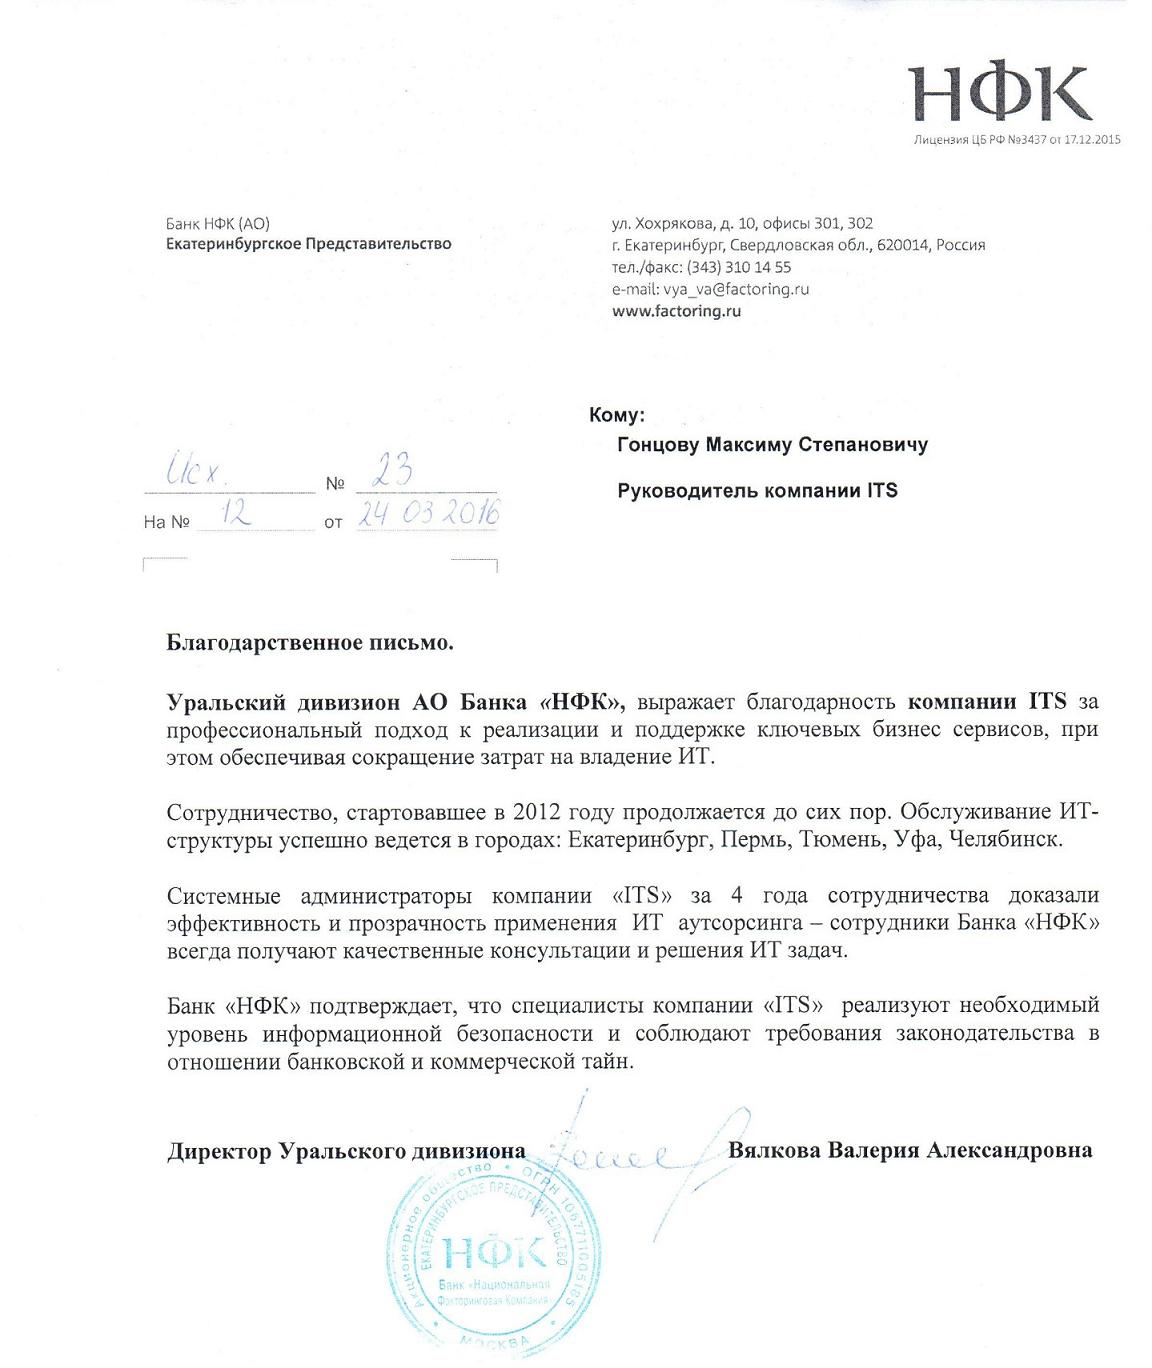 Абонентское обслуживание ПК Екатеринбург, Челябинск, Уфа, Пермь,Тюмень